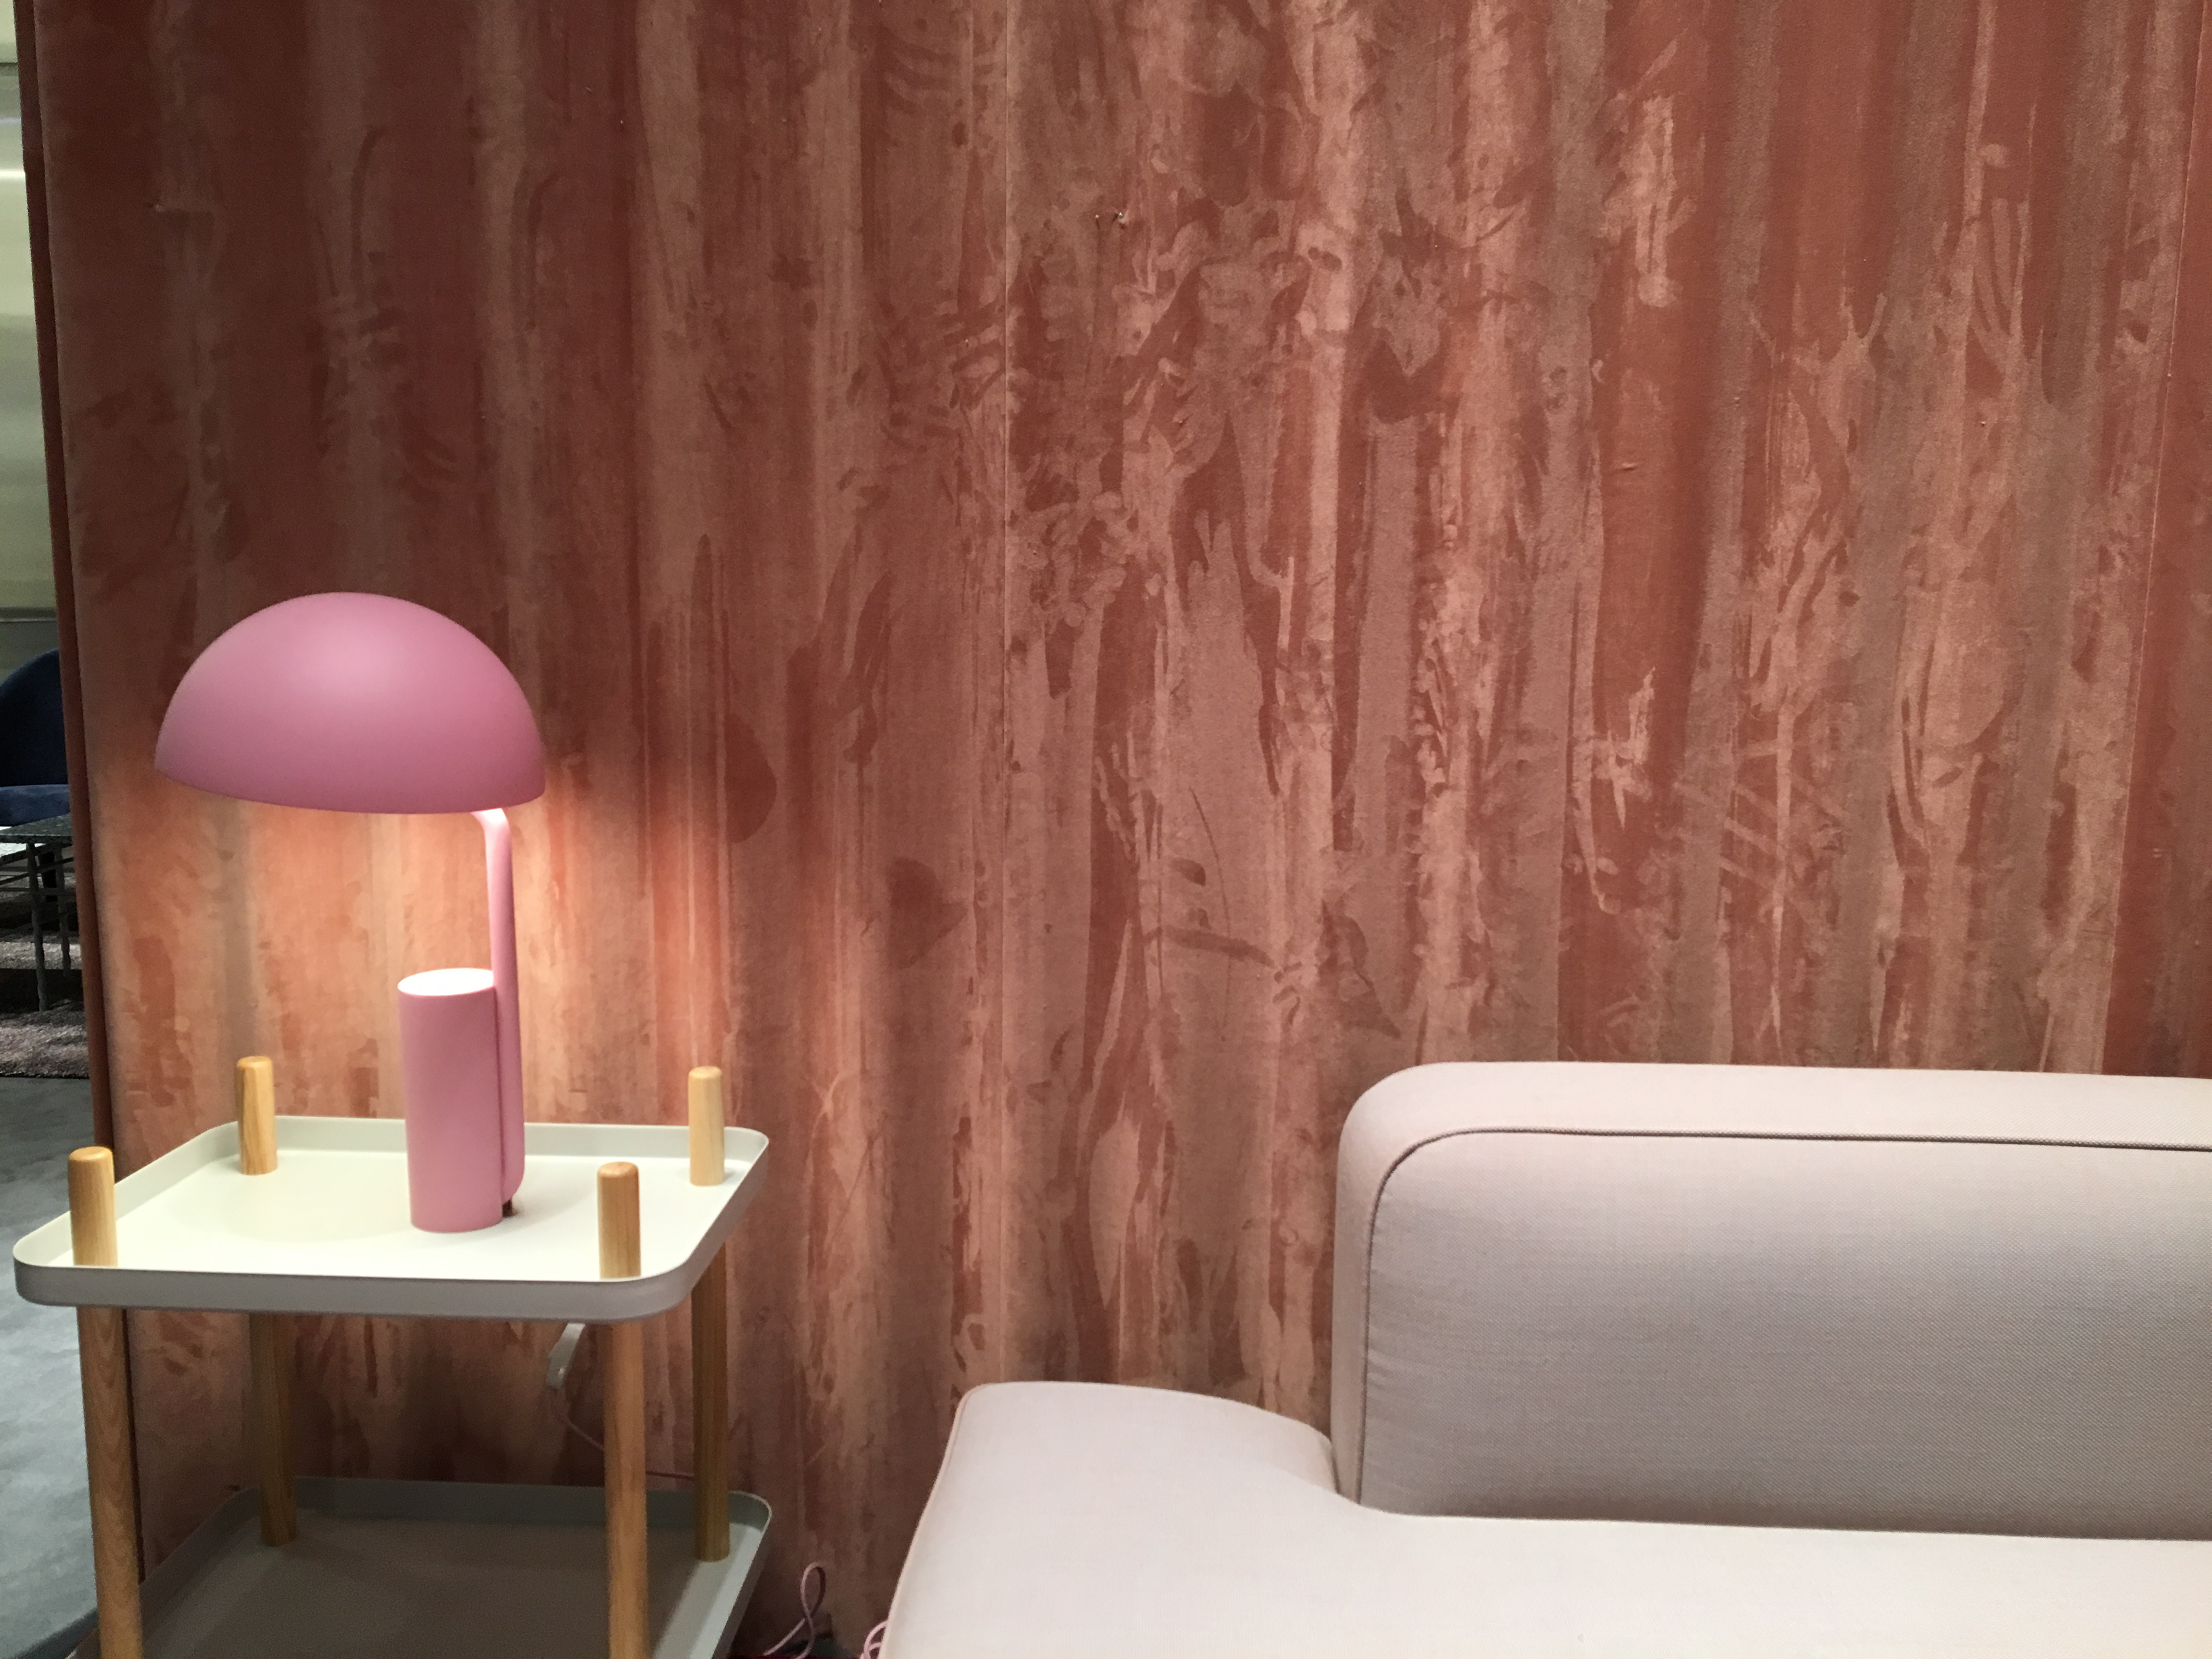 dans un salon équipé d'un canapé en cuir beige, les murs sont tapissés de lambris bois de rose.